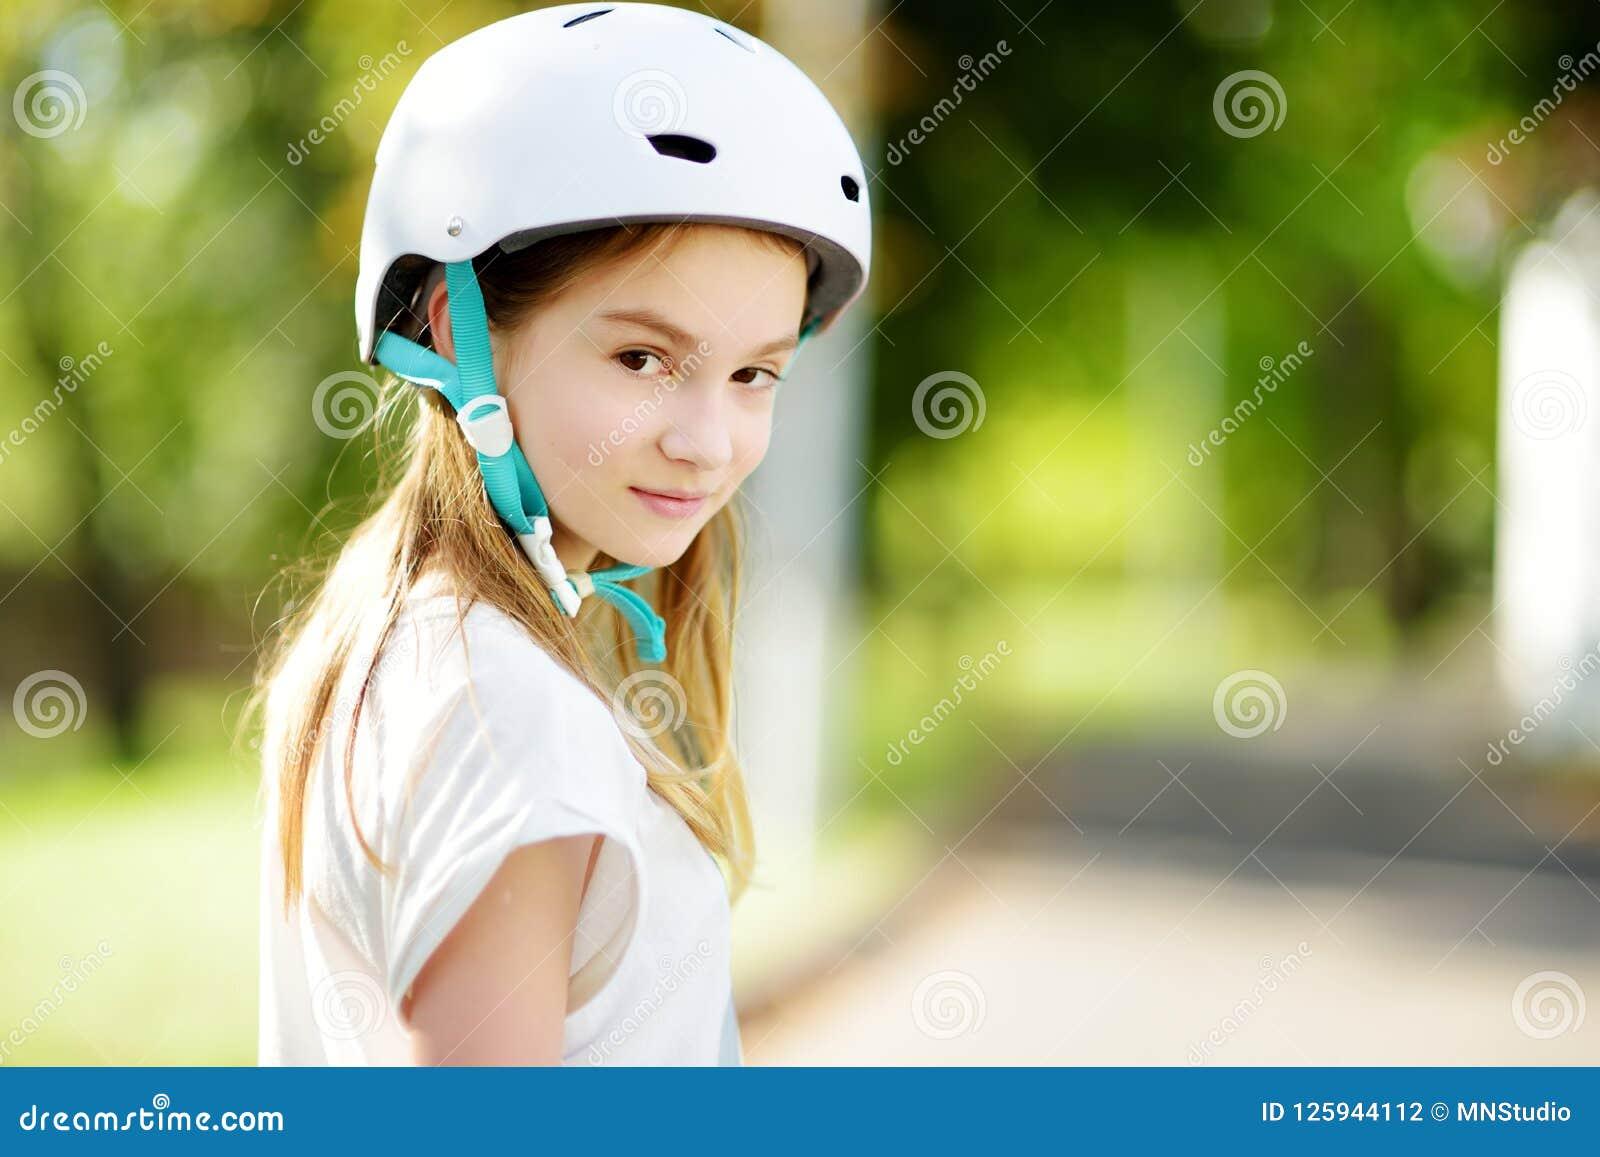 相当学会对溜冰鞋的小女孩在夏日在公园 享受滑旱冰乘驾outd的儿童佩带的安全帽